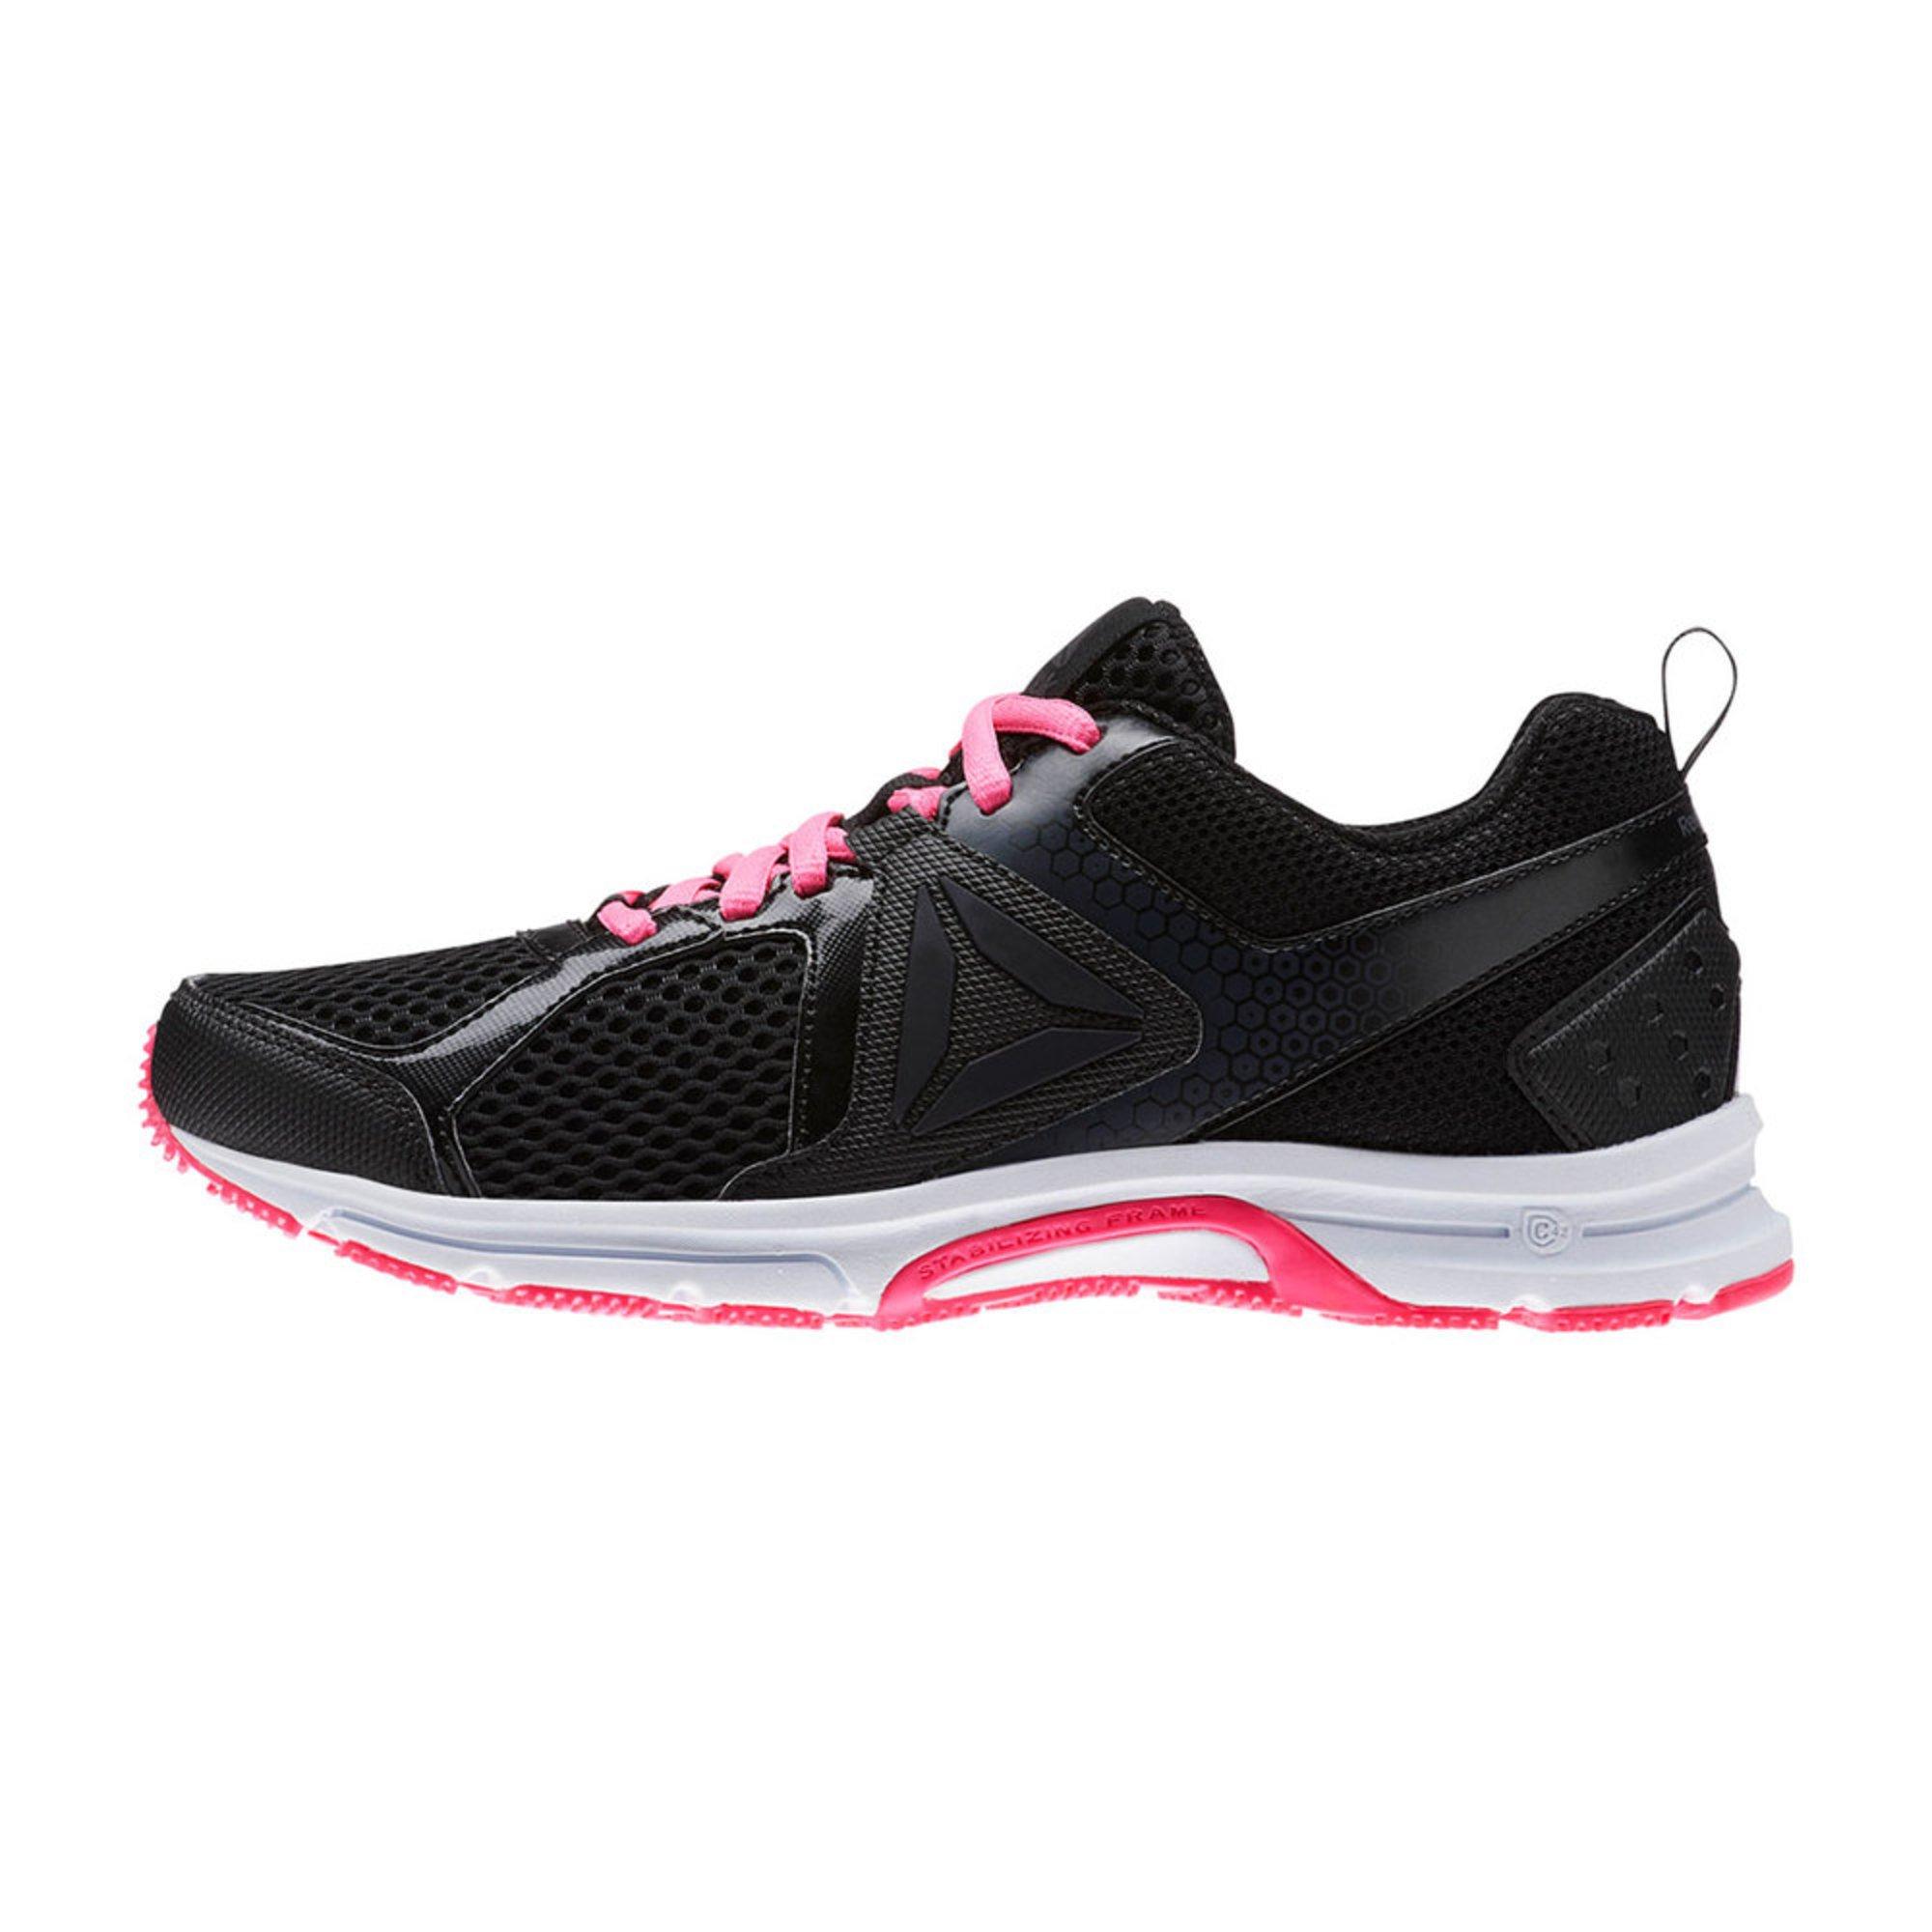 d67b9651166b Reebok Women s Runner 2.0 Mt Running Shoe